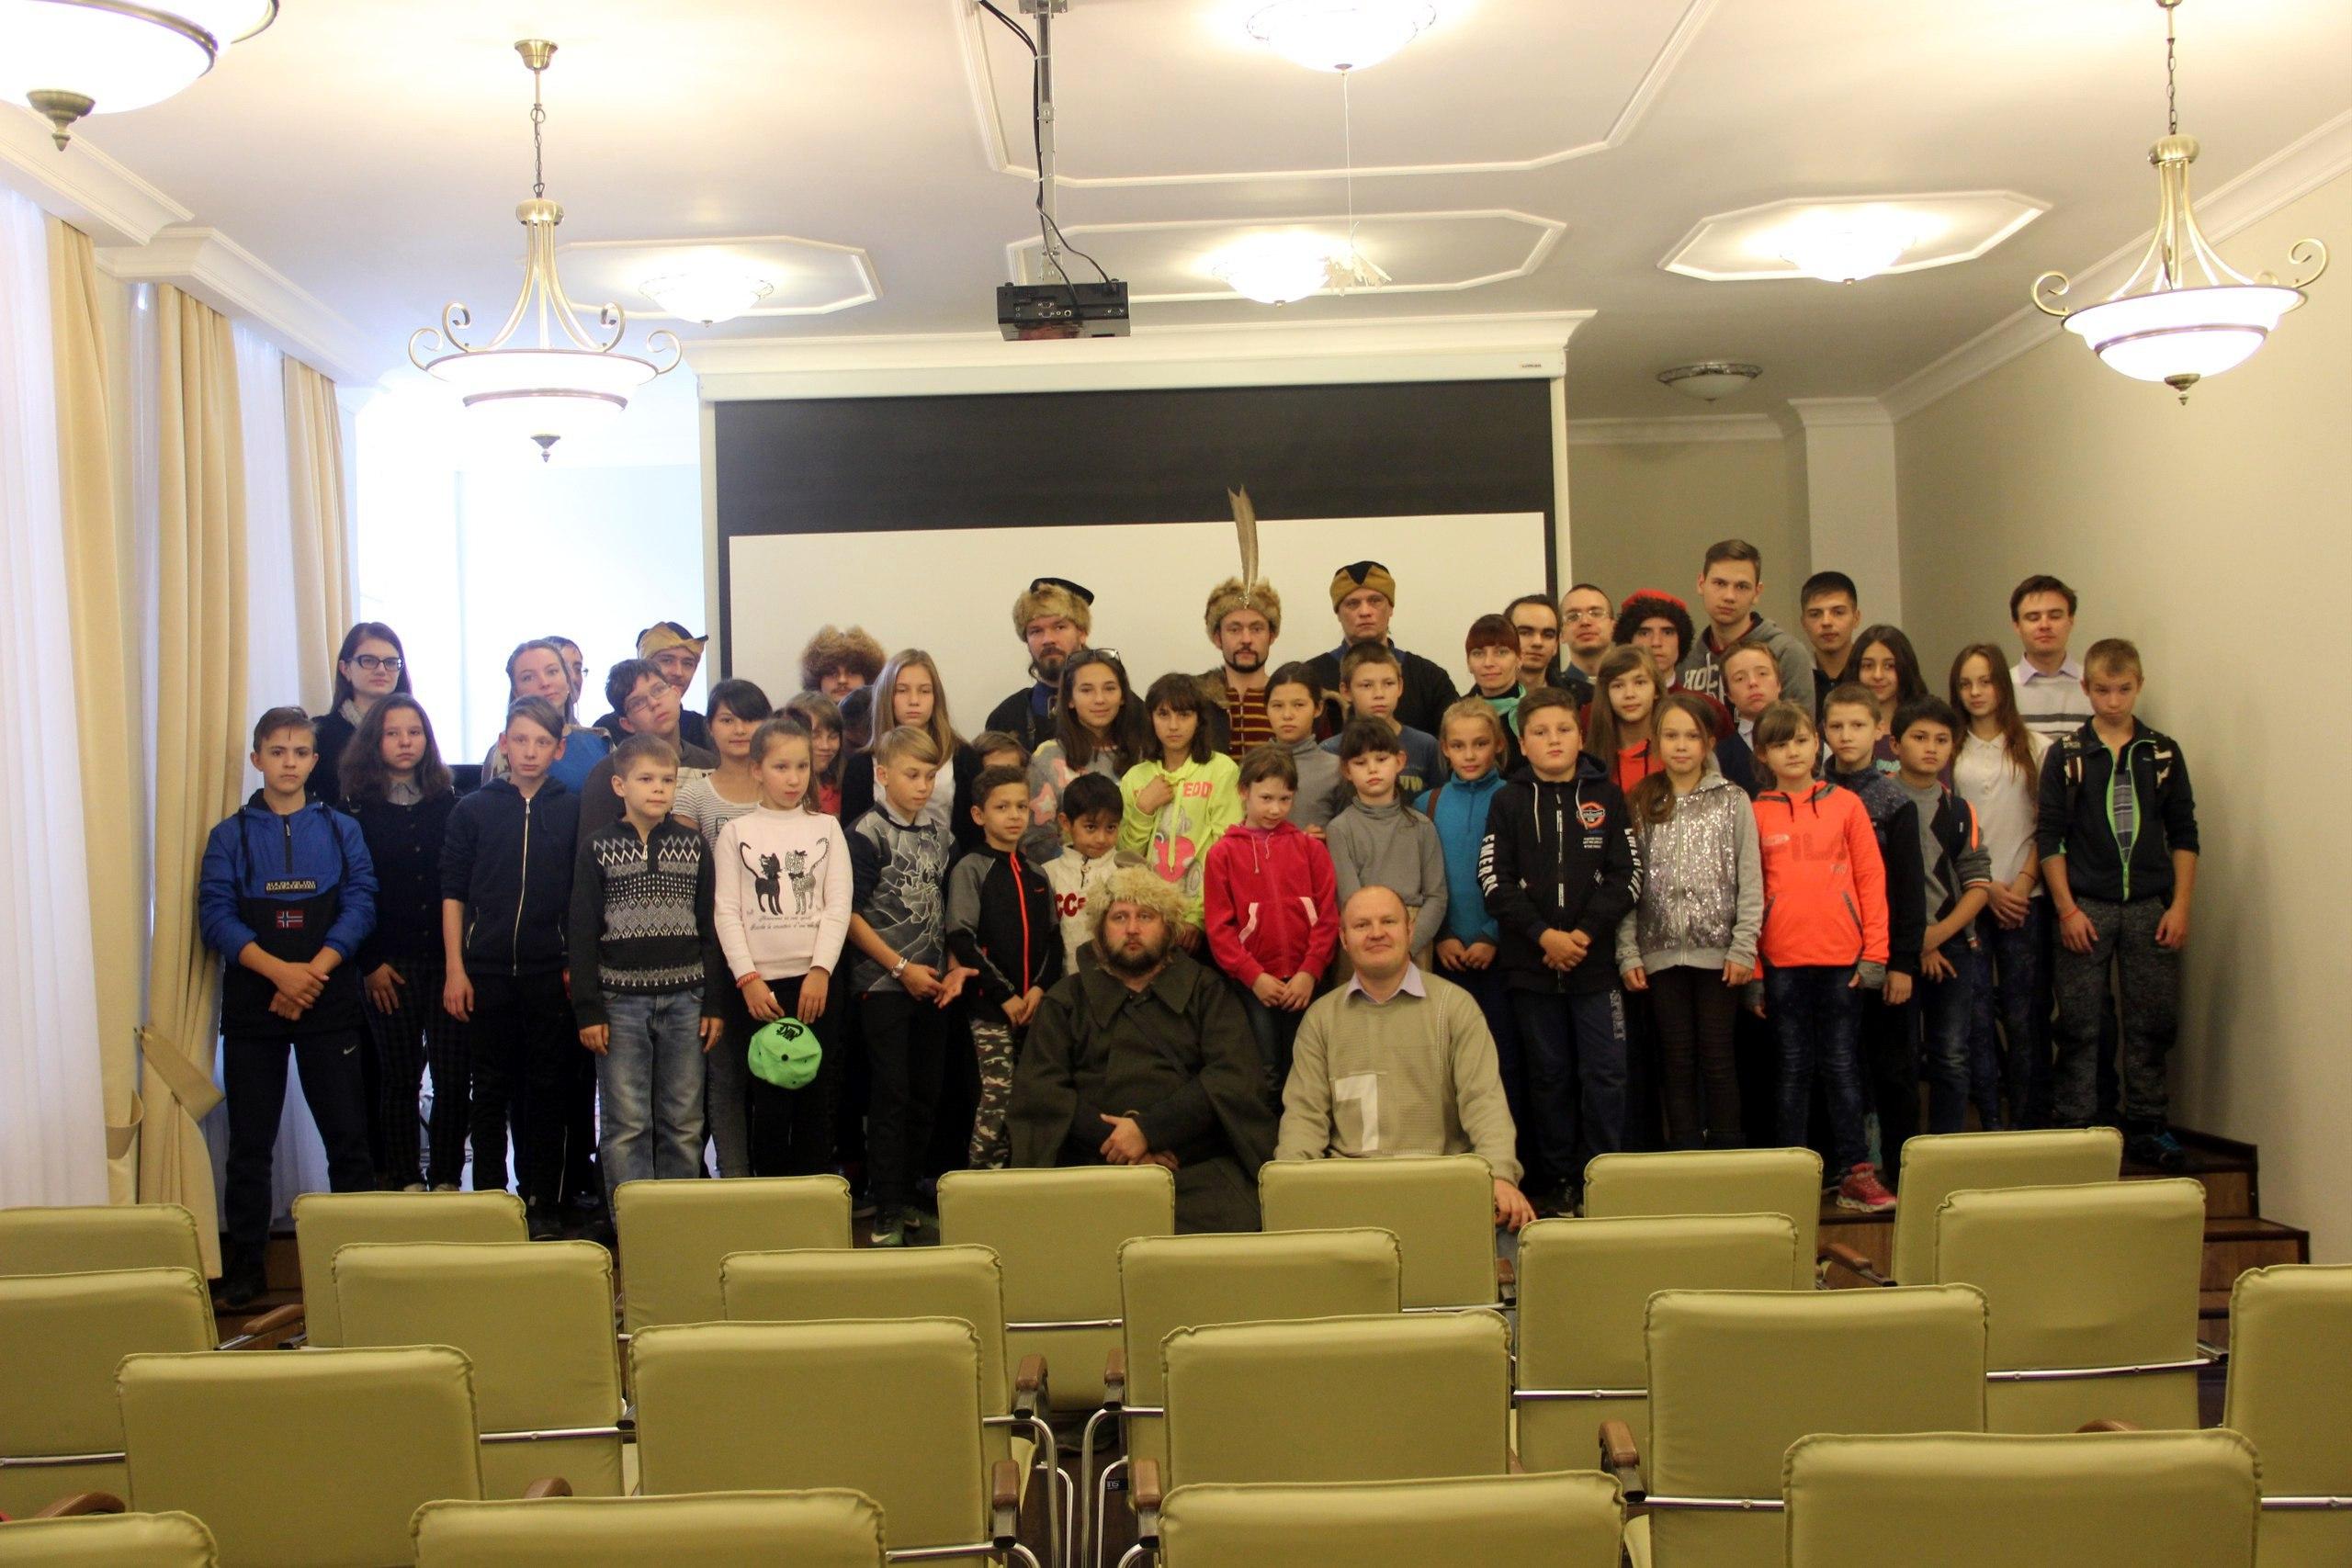 Культурно-образовательное мероприятие «Патриарх Филарет и царь Михаил Романов»